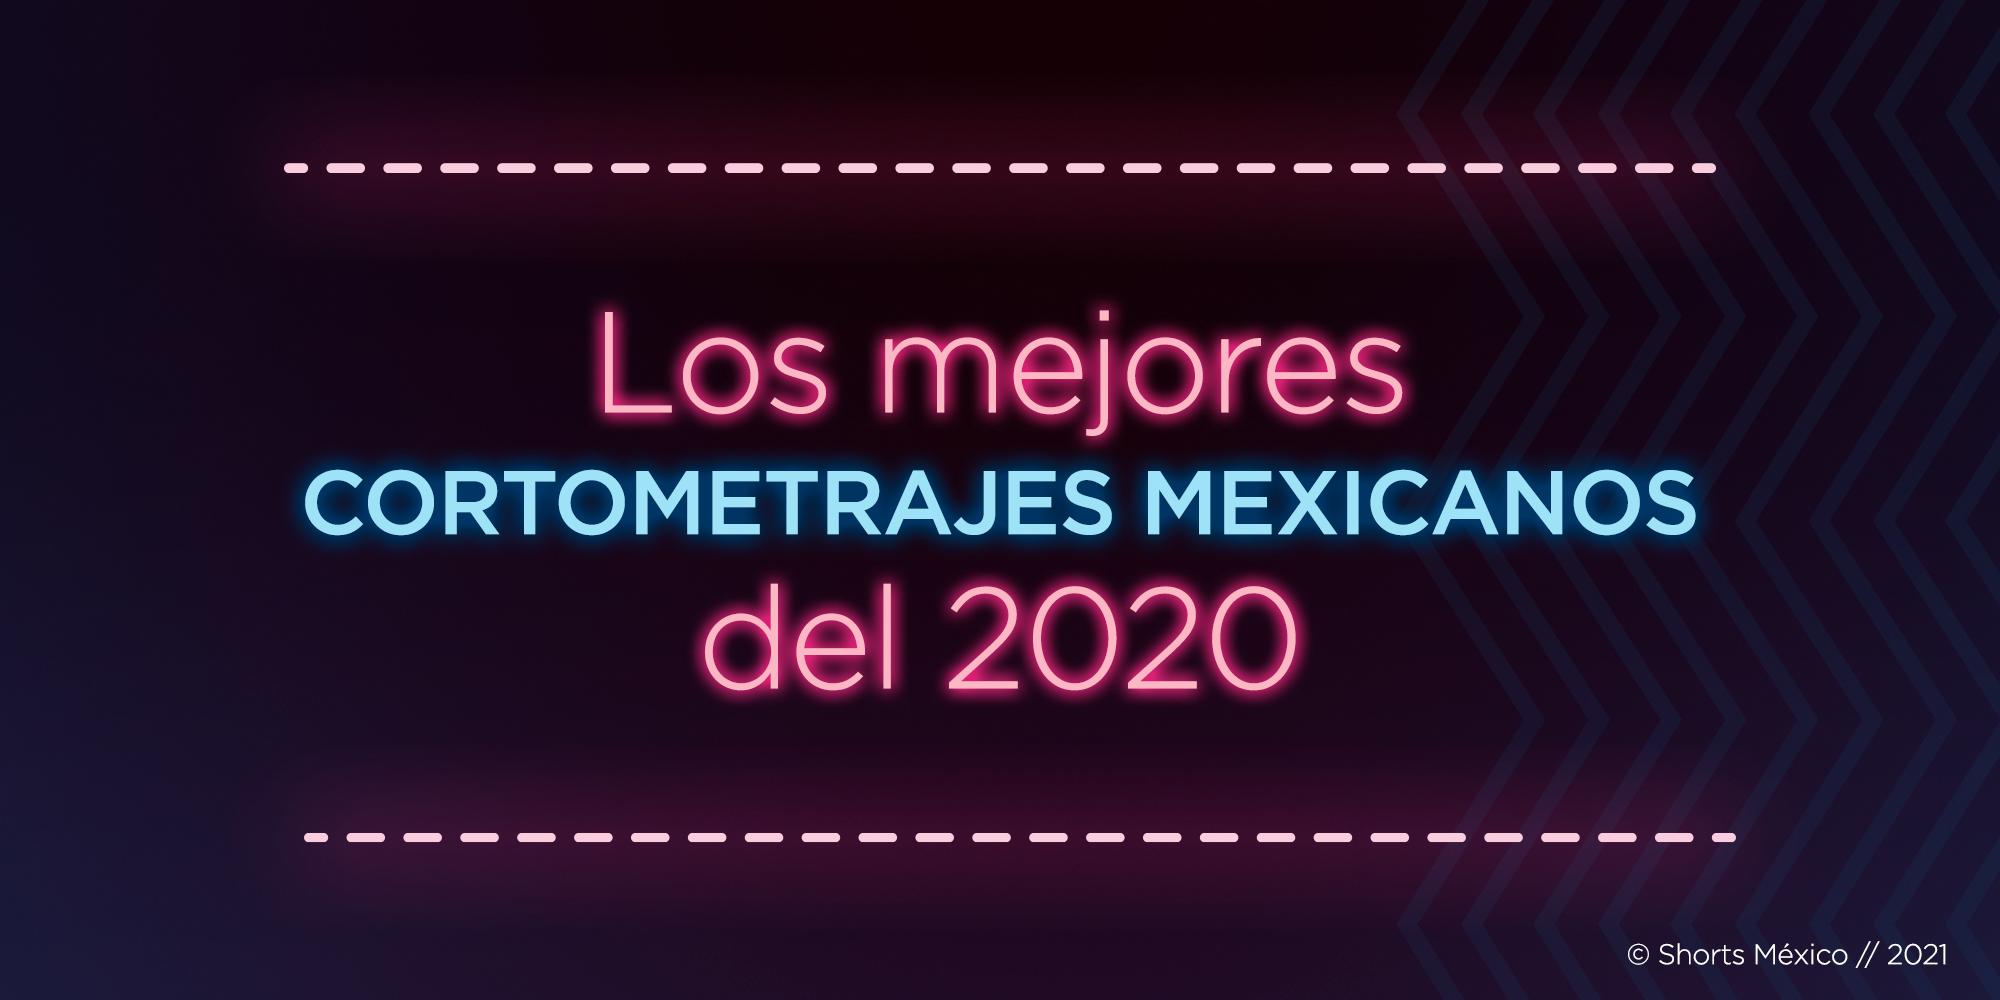 Los mejores cortometrajes mexicanos del 2020